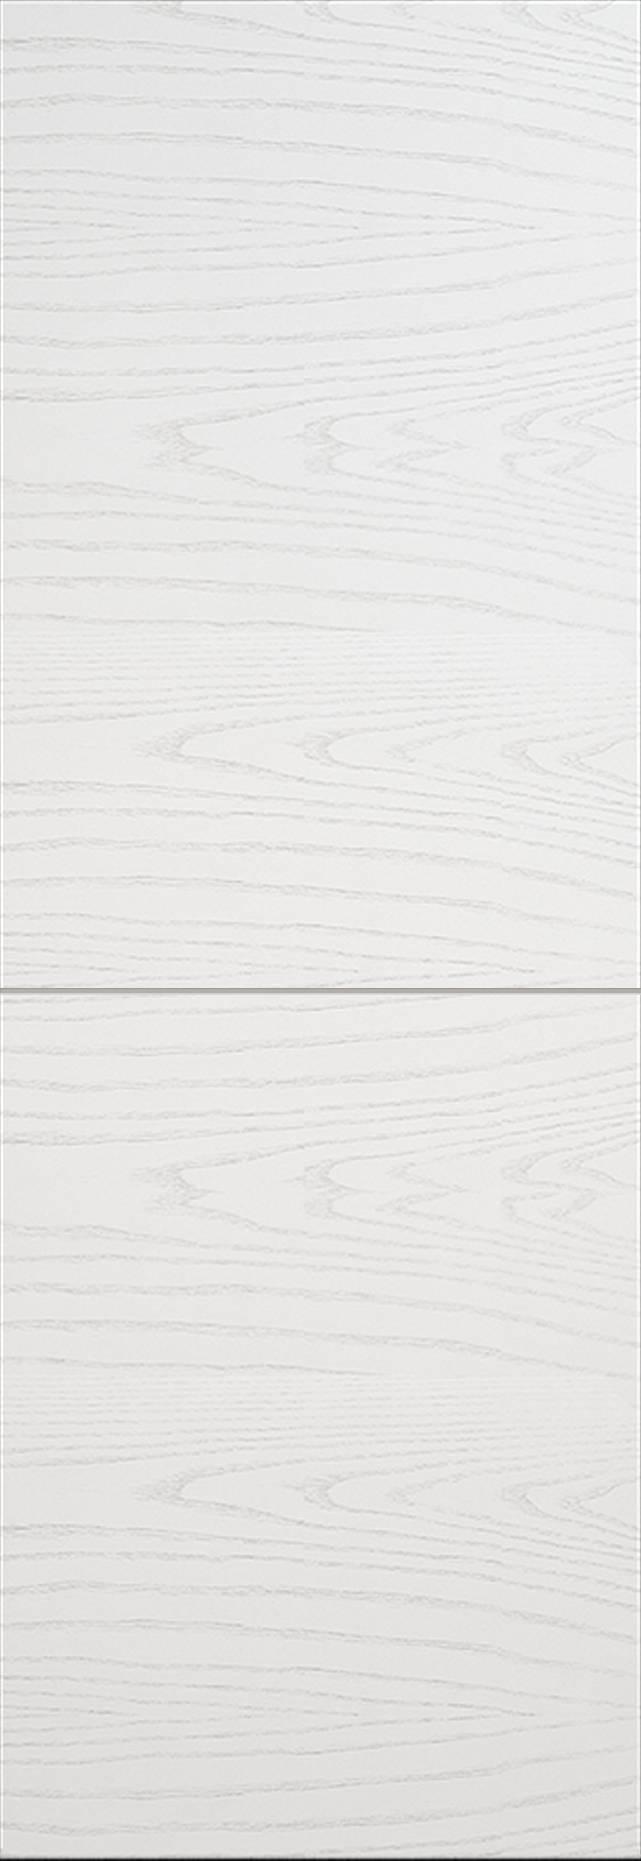 Tivoli Б-2 Invisible цвет - Ясень белая эмаль Без стекла (ДГ)